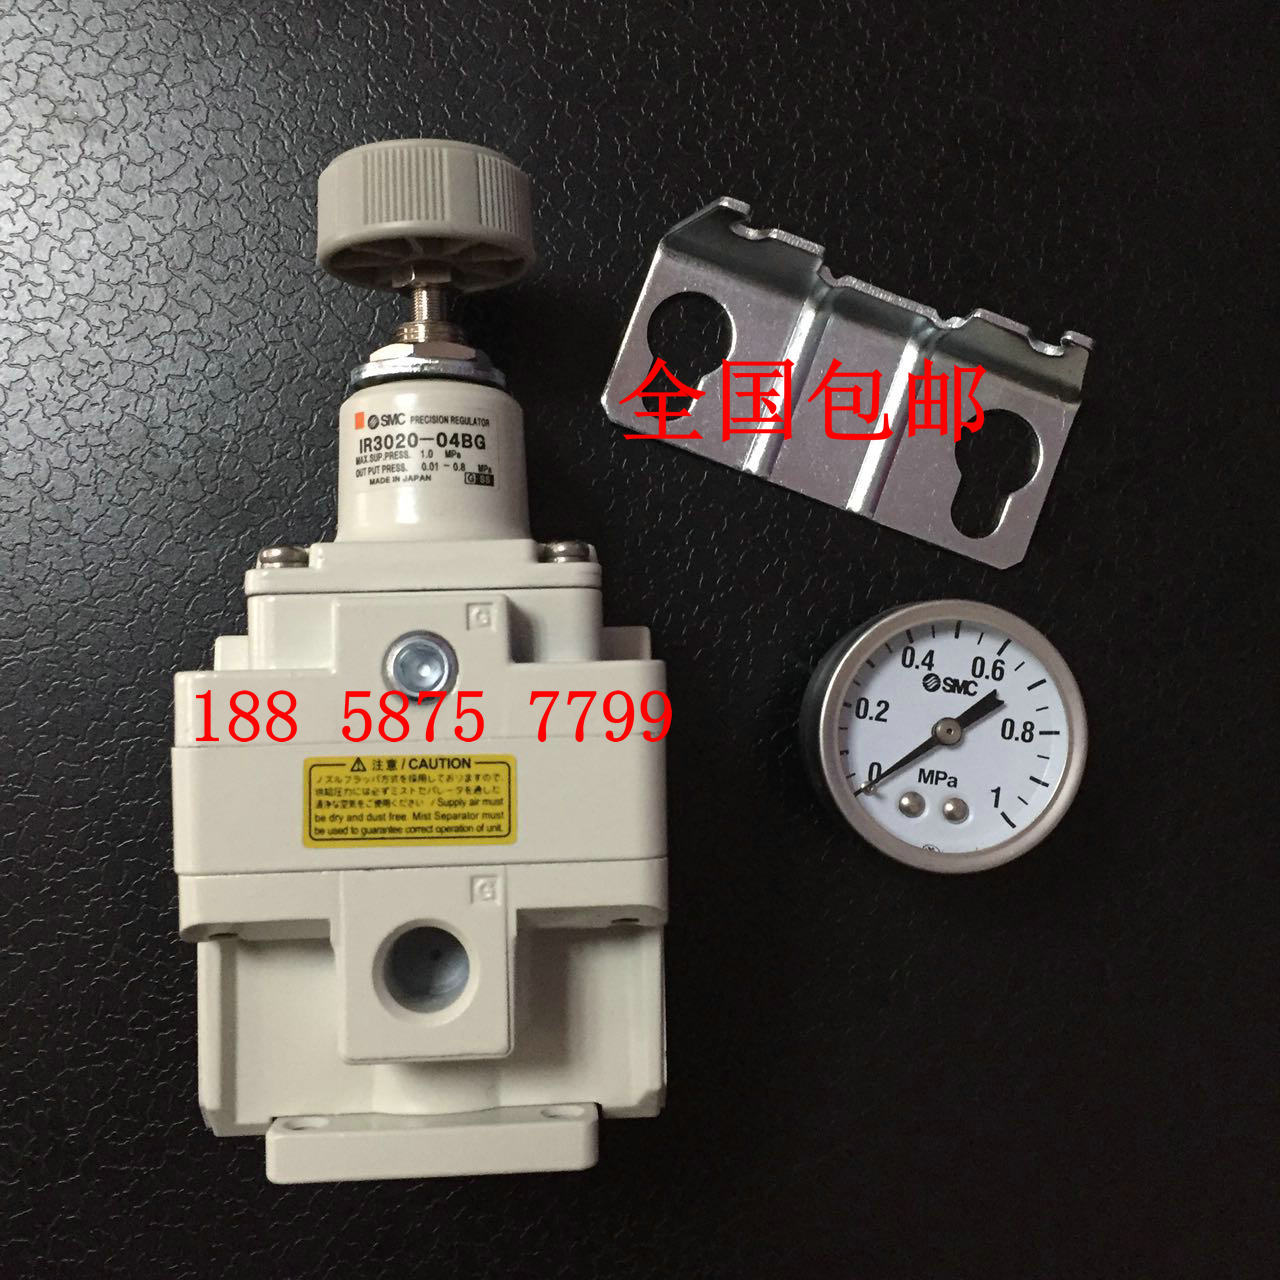 MADE IN CHINA Precision Pressure Regulating Valve IR3020-03BG IR3020-04 IR3020-02 IR3000 IR3010 alphabet and girl words cartoon birthday candle set